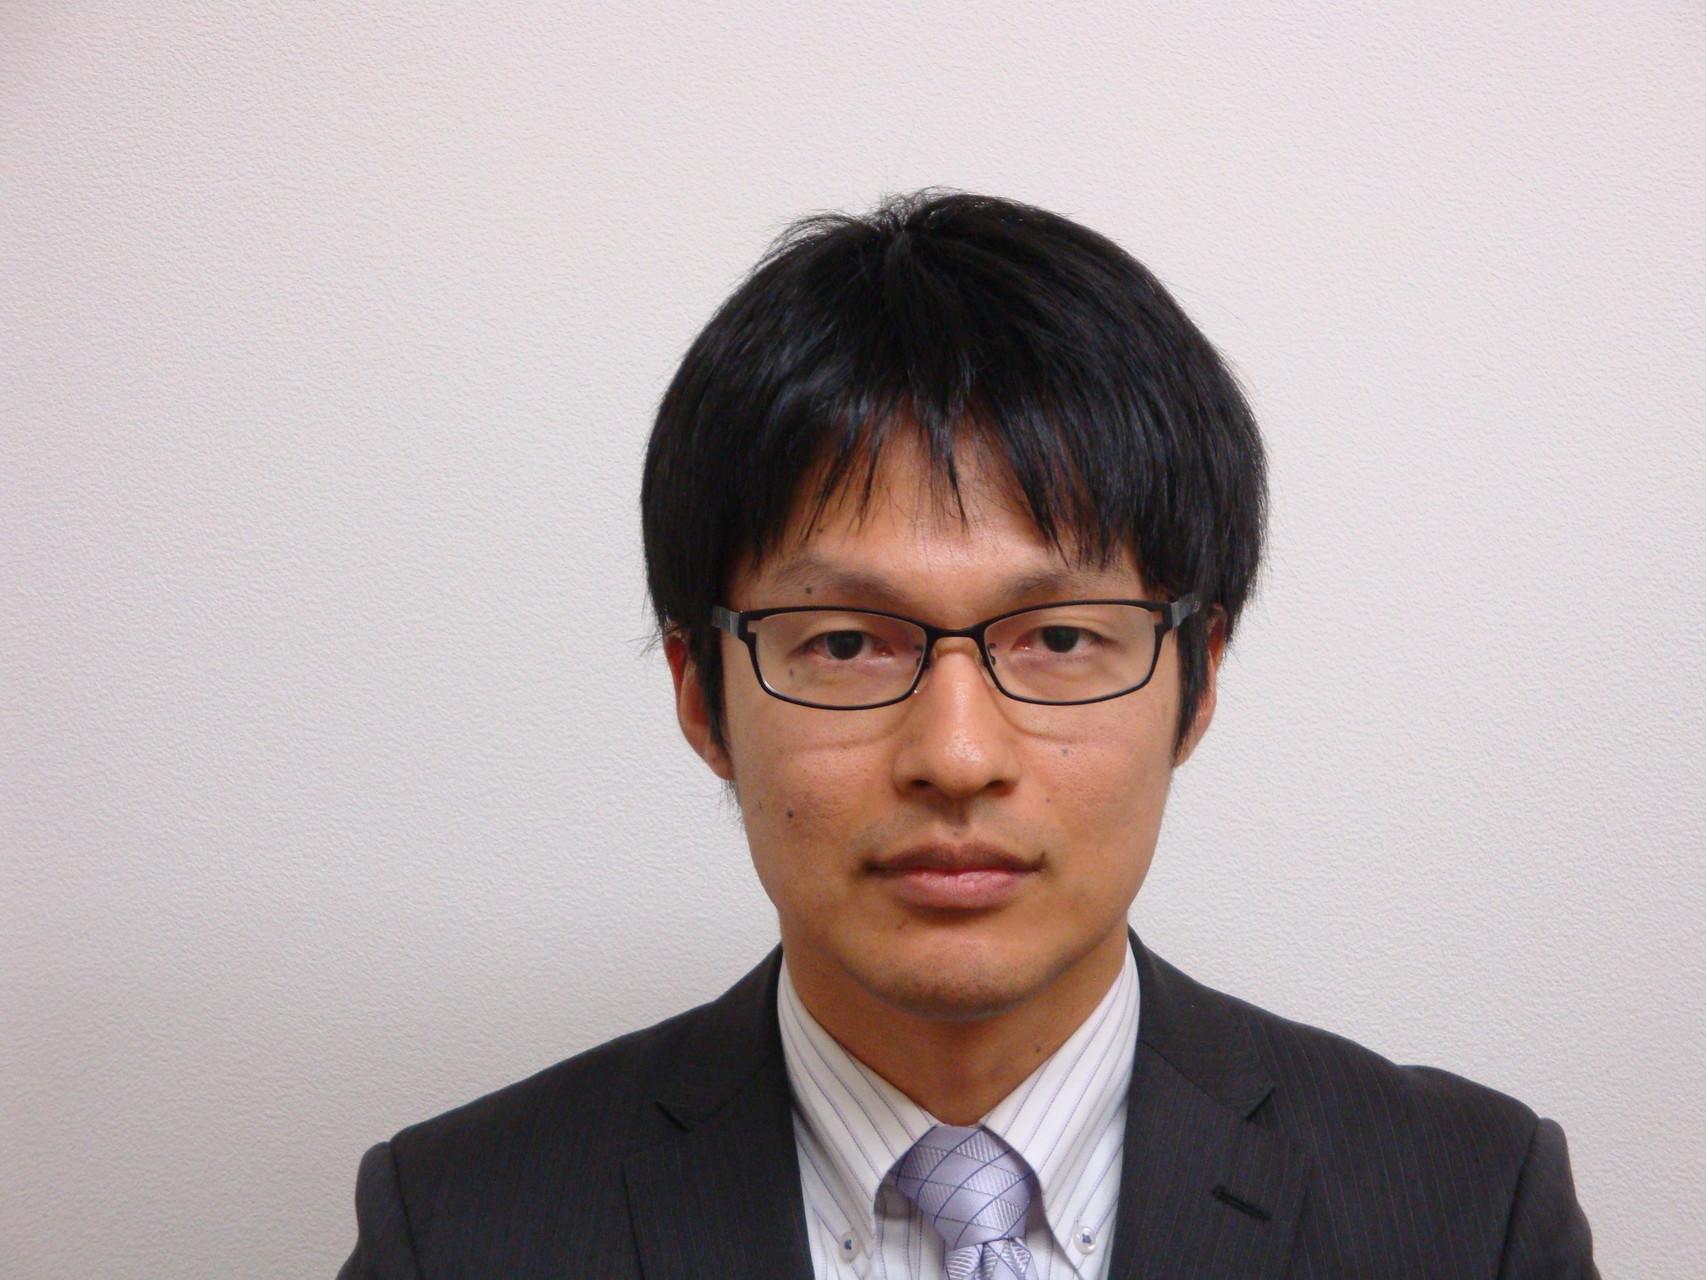 弁護士 松岡幸輝